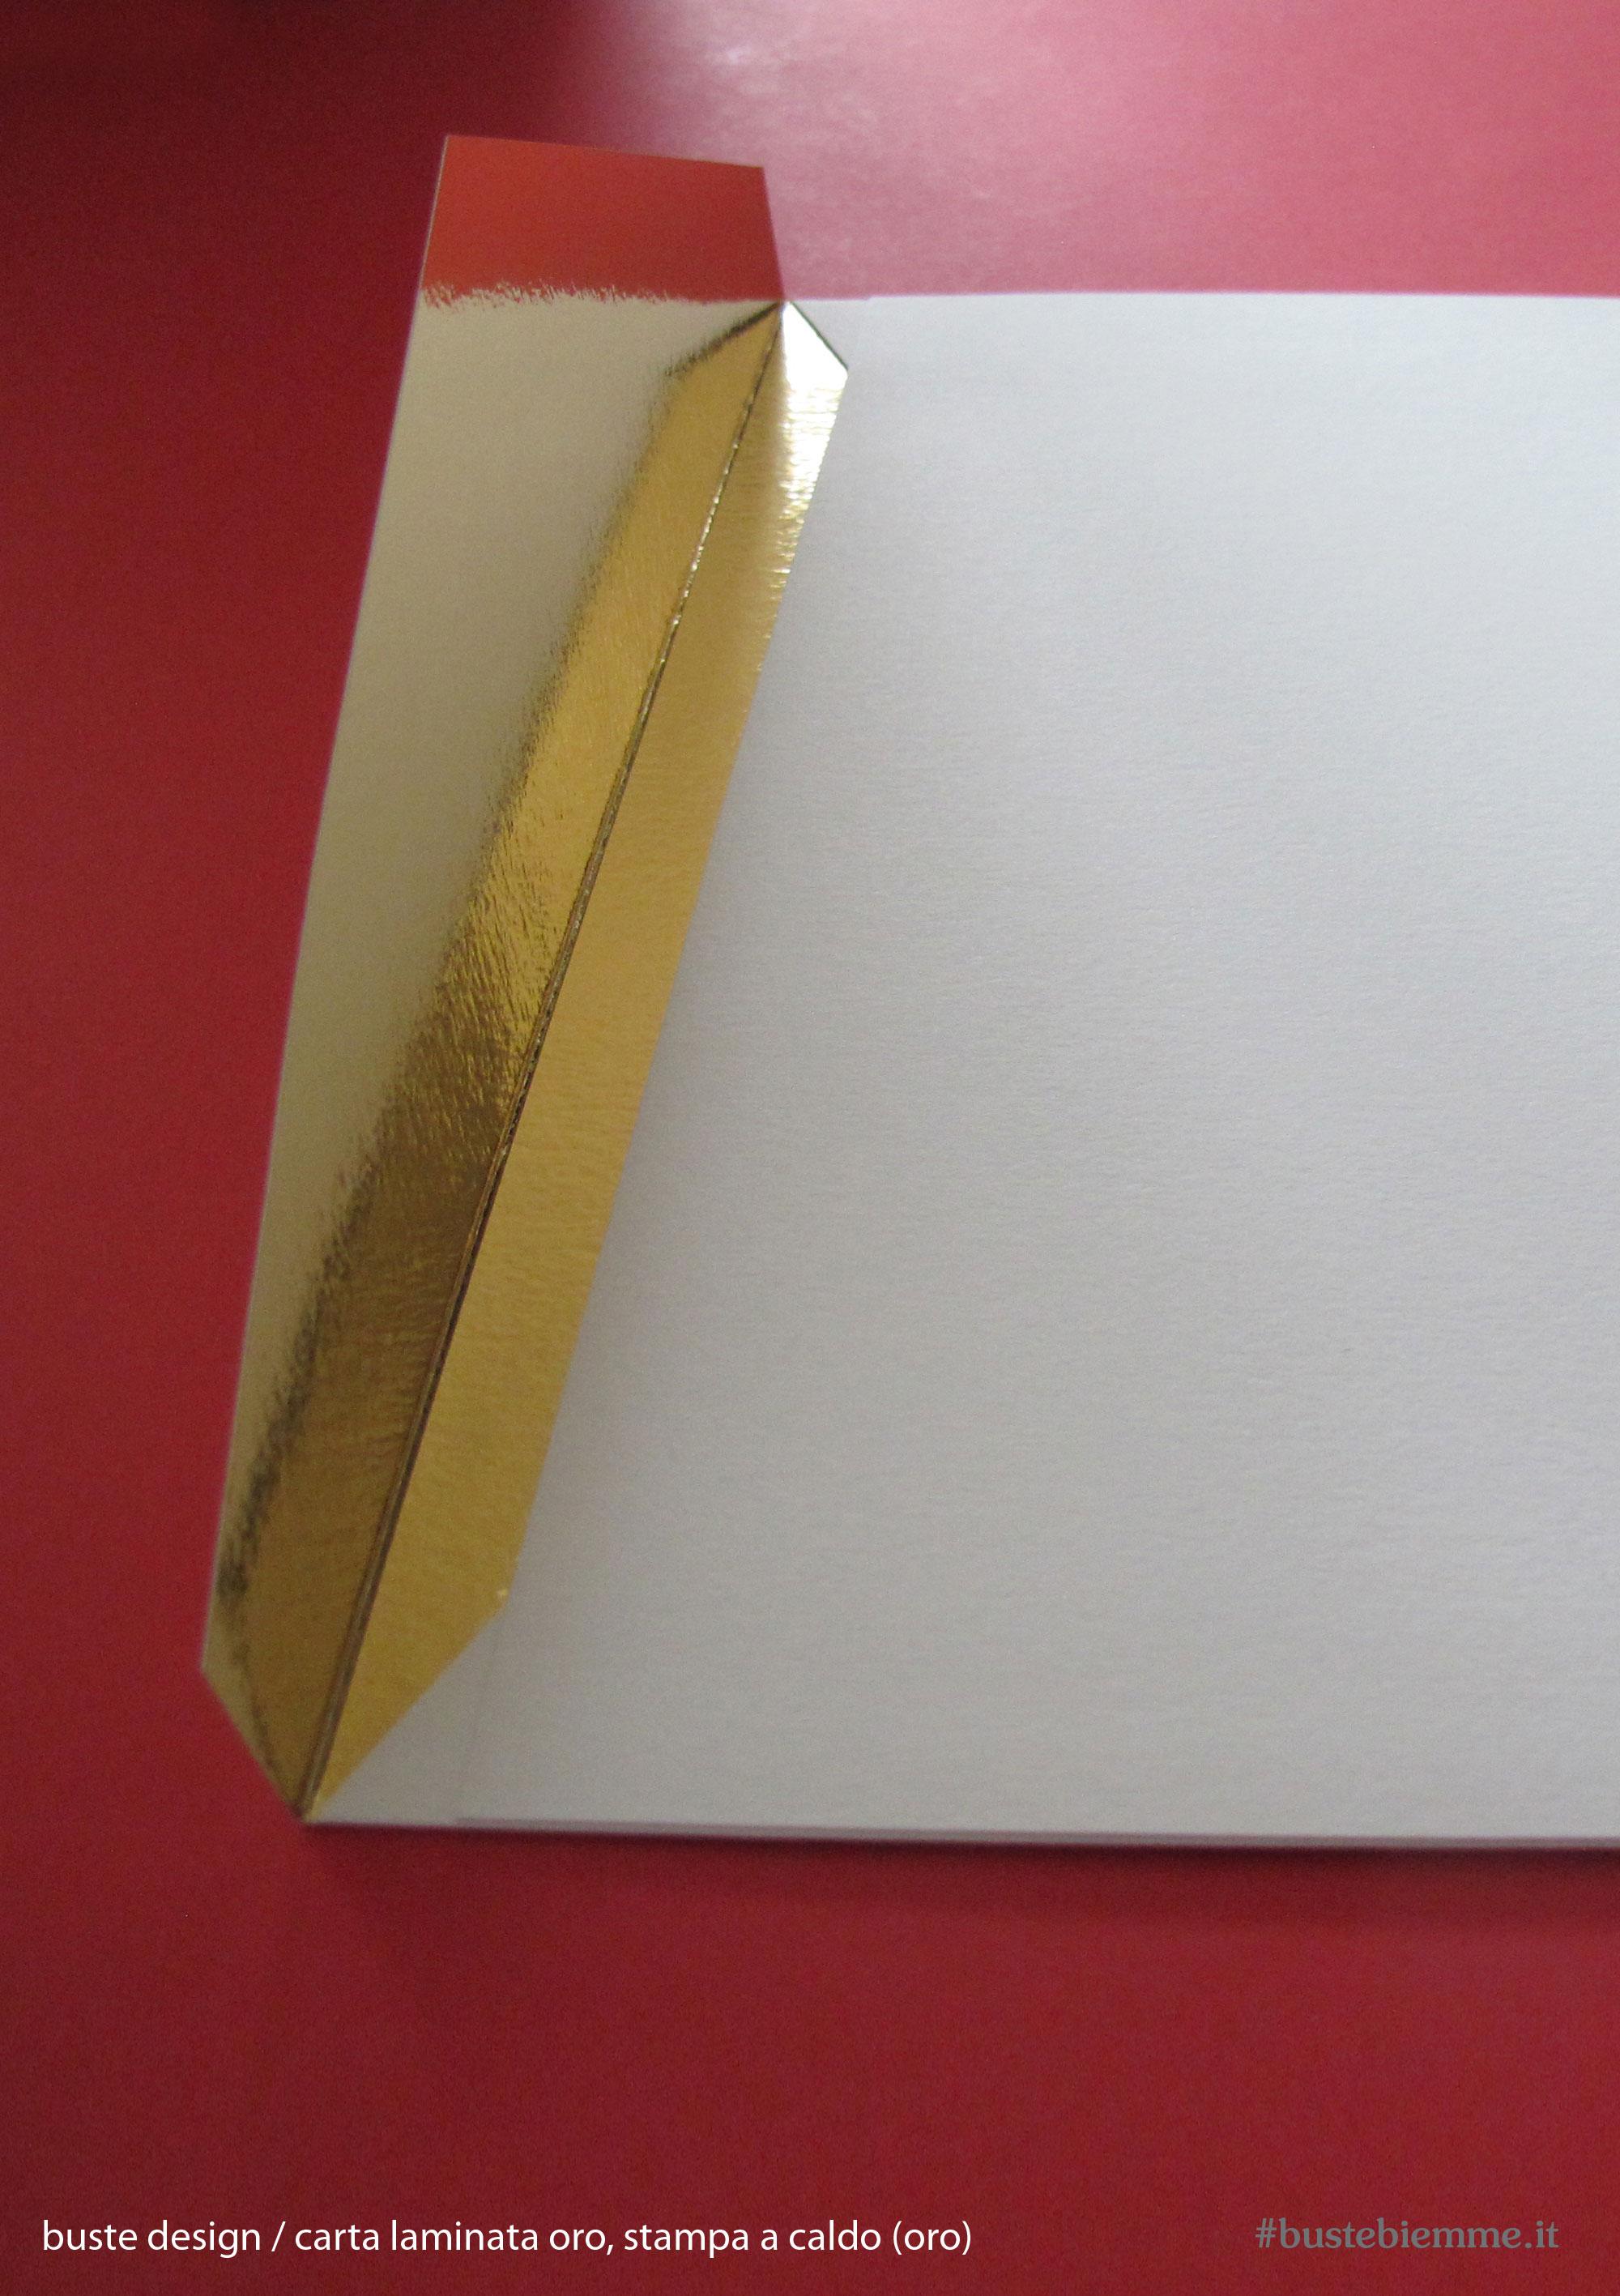 busta design con carta accoppiata metallizzata